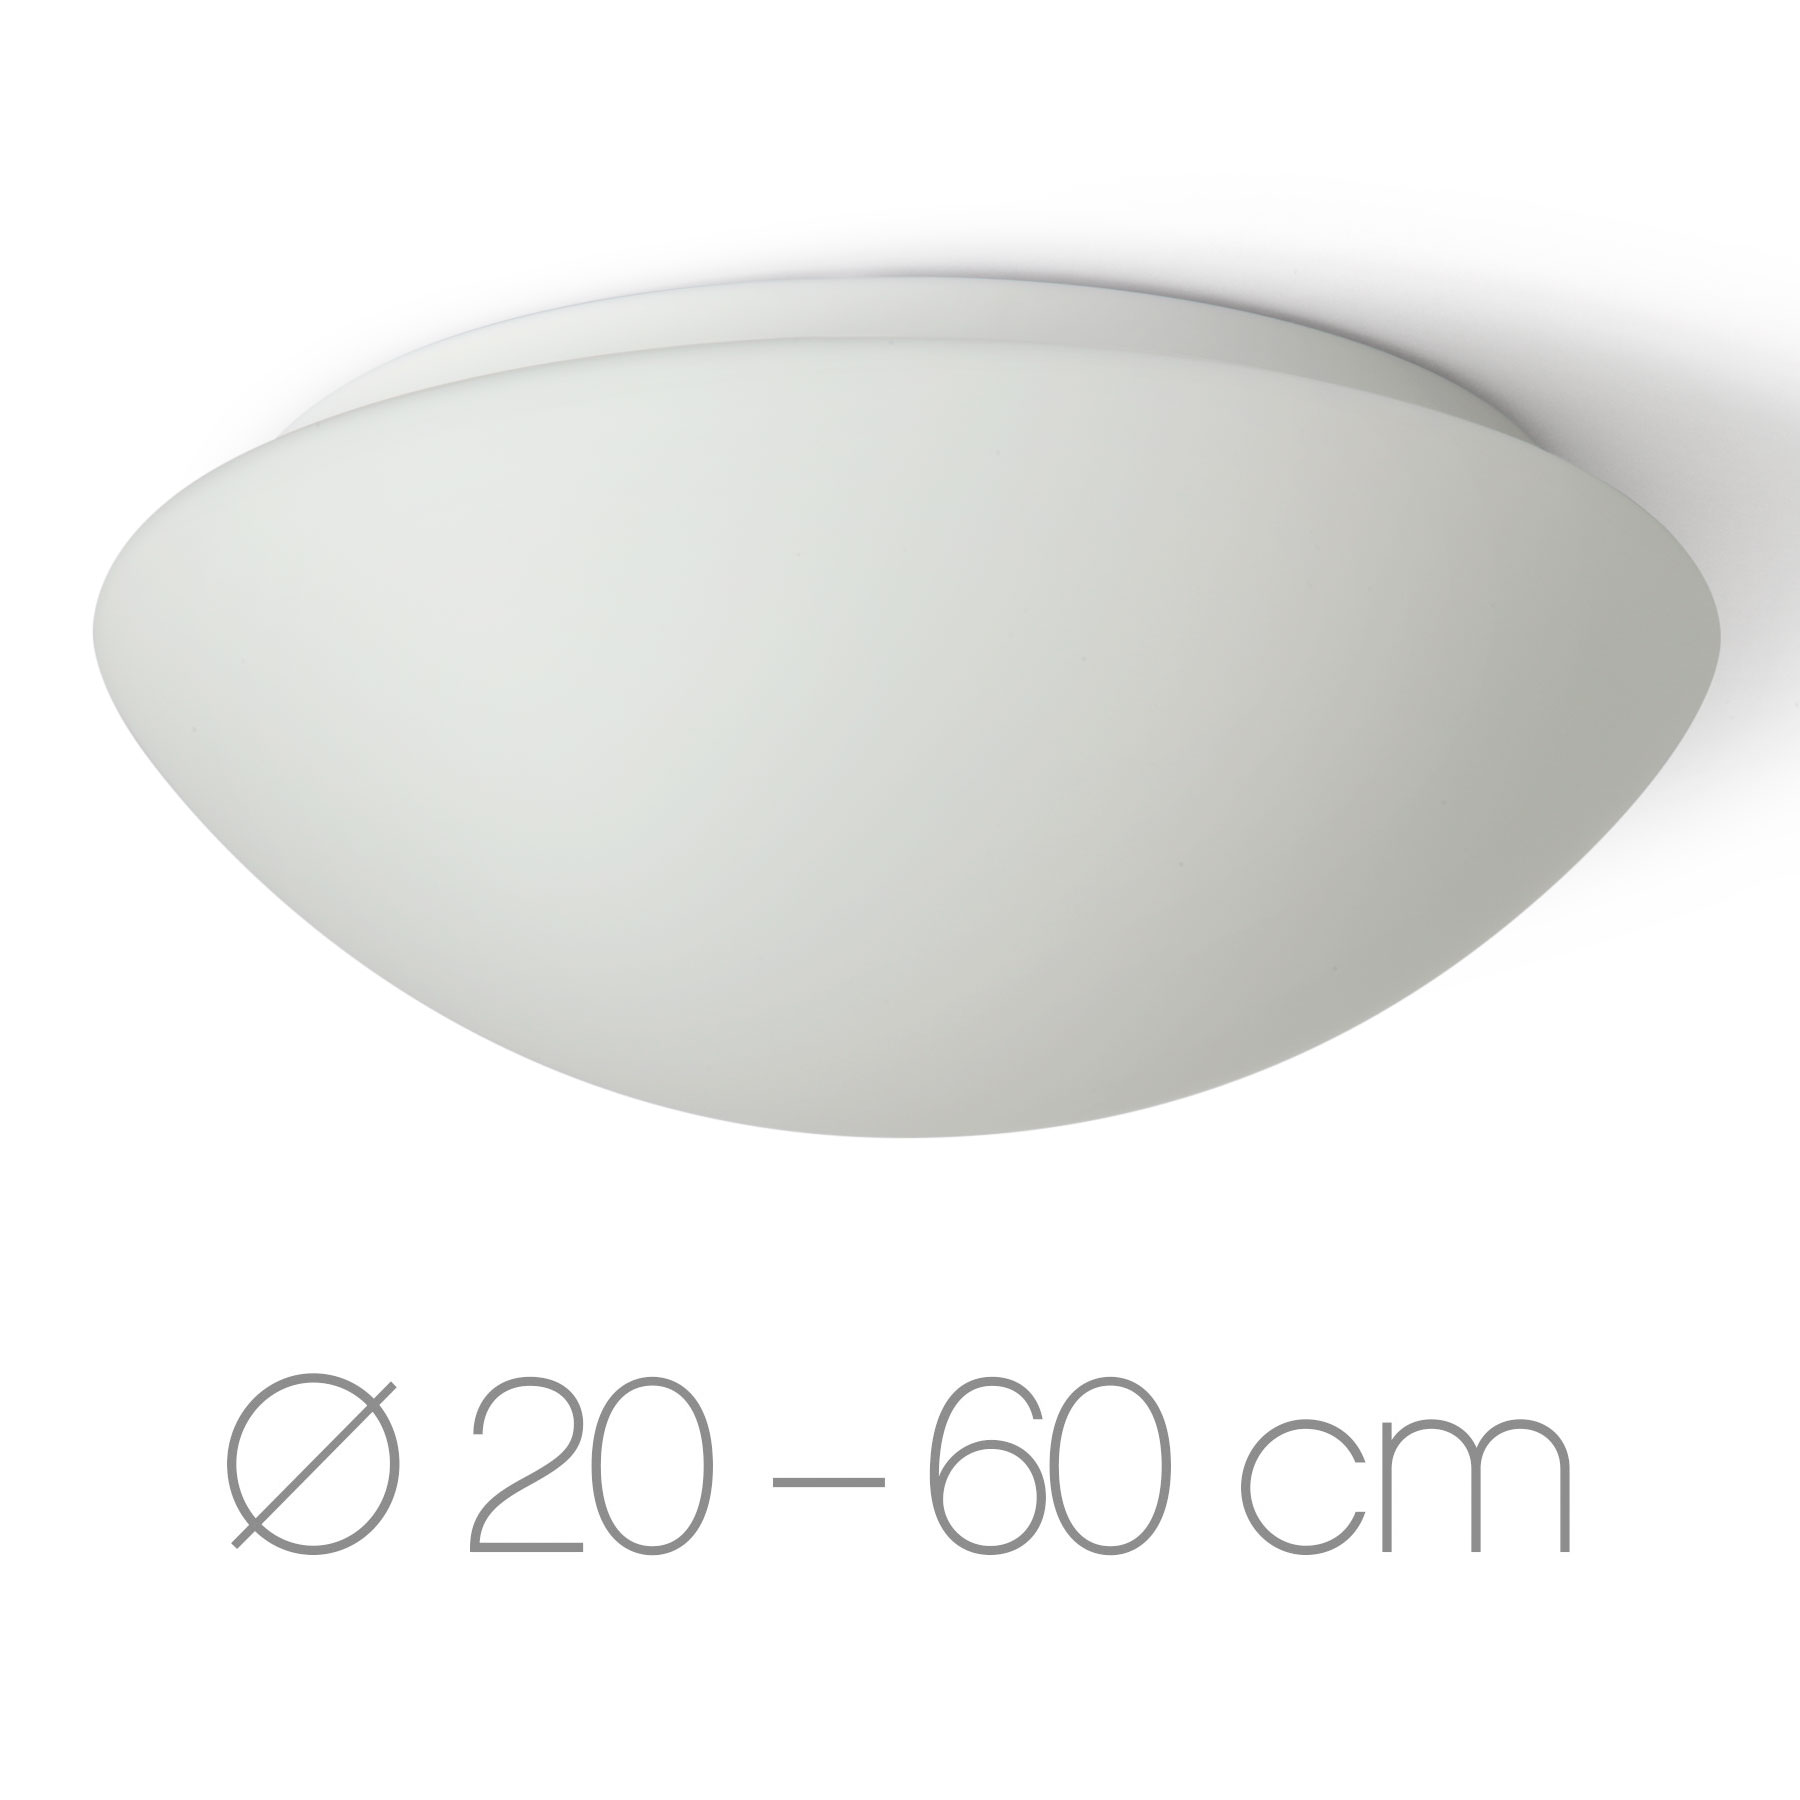 Full Size of Deckenlampe Skandinavisch Schlichte Deckenleuchte Mit Opalglas Schirm Aurora Bad Bett Wohnzimmer Deckenlampen Schlafzimmer Modern Esstisch Küche Für Wohnzimmer Deckenlampe Skandinavisch